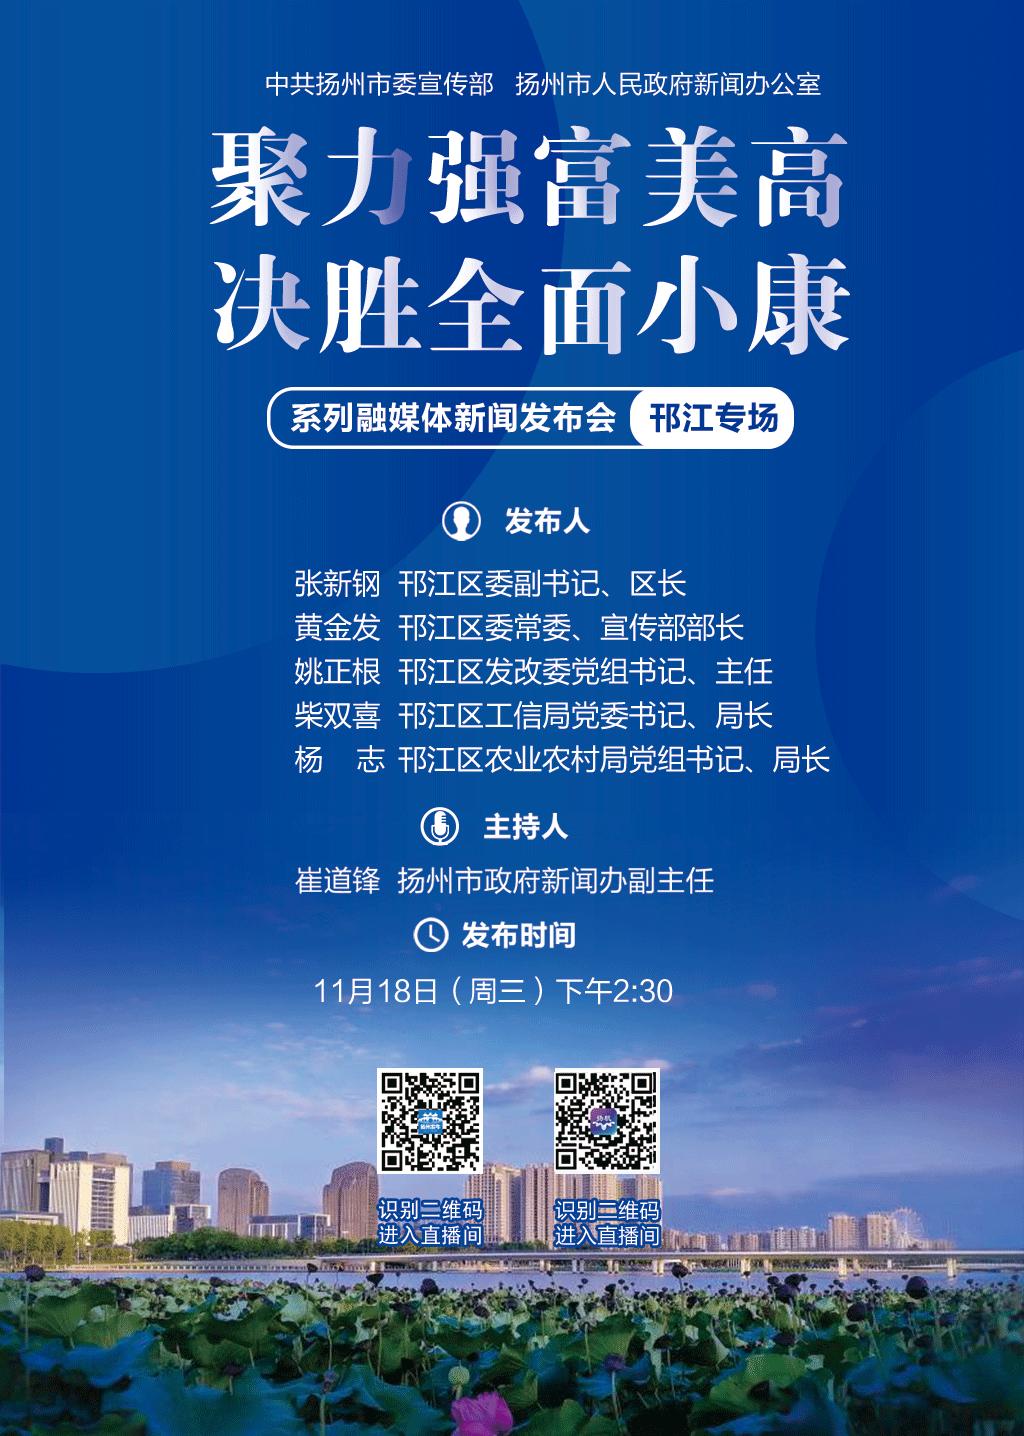 """""""聚力强富美高 决胜全面小康""""邗江专场"""